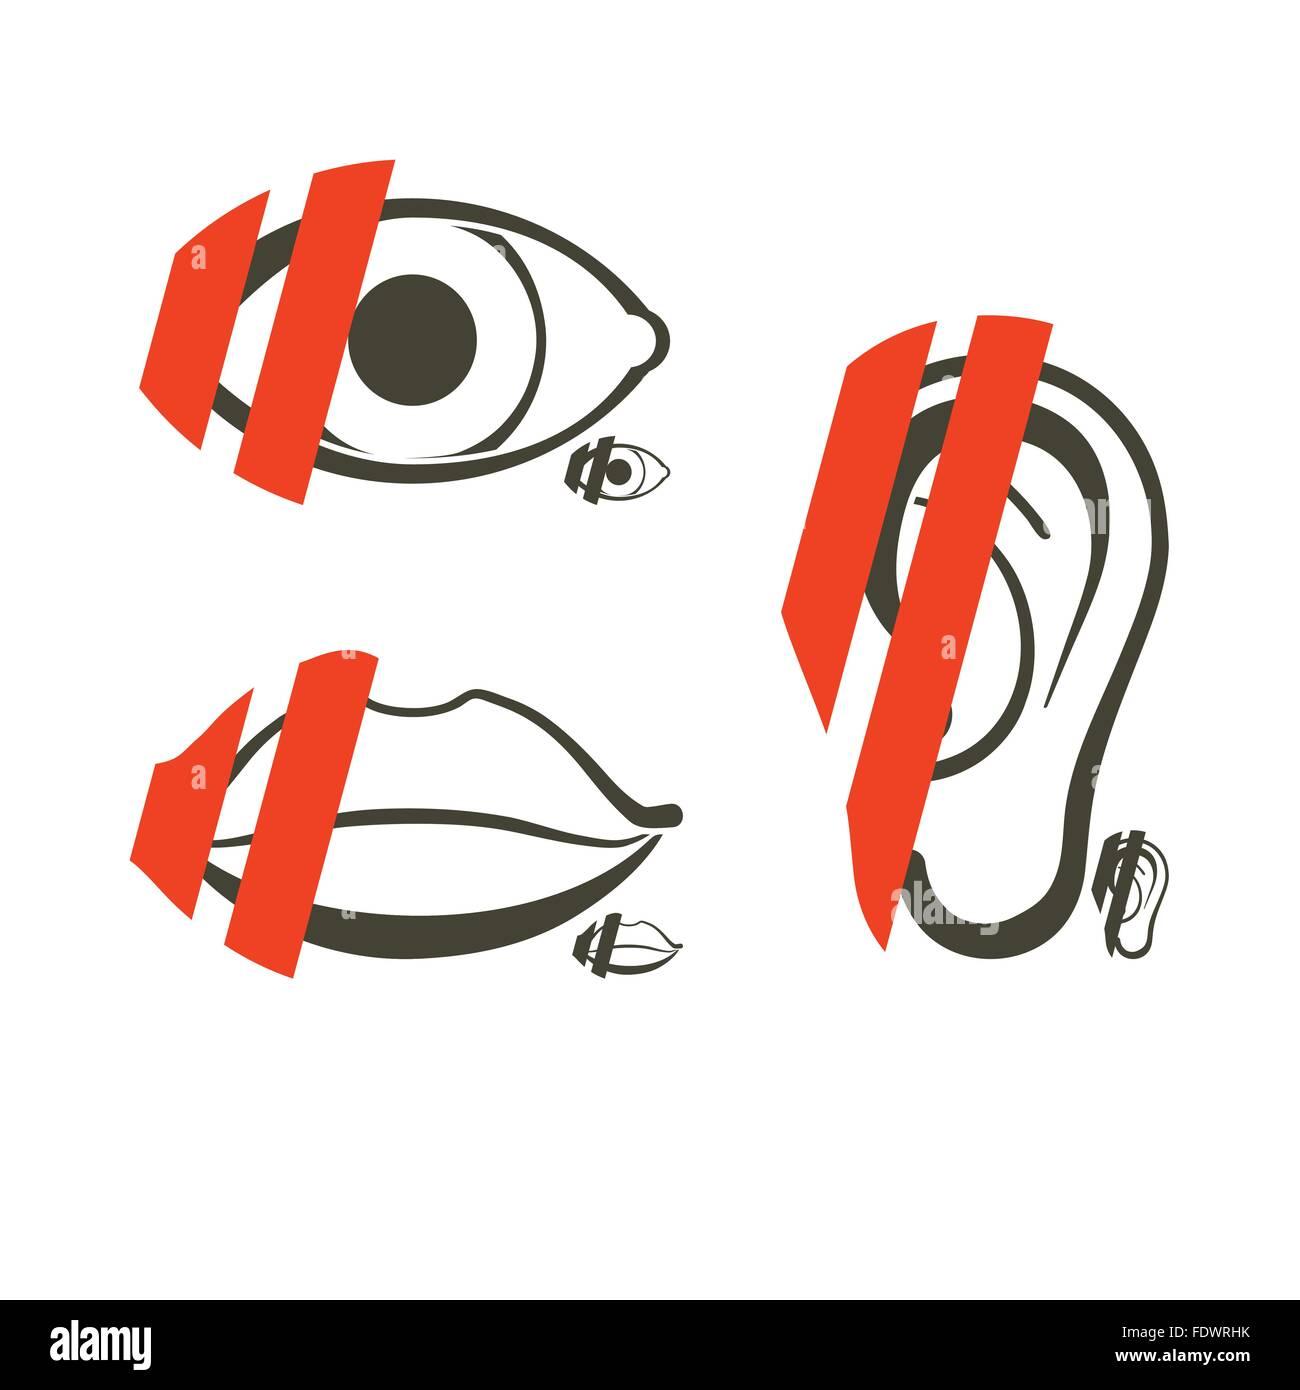 Símbolos de anatomía humana para interdicción o indisponibilidad o ...